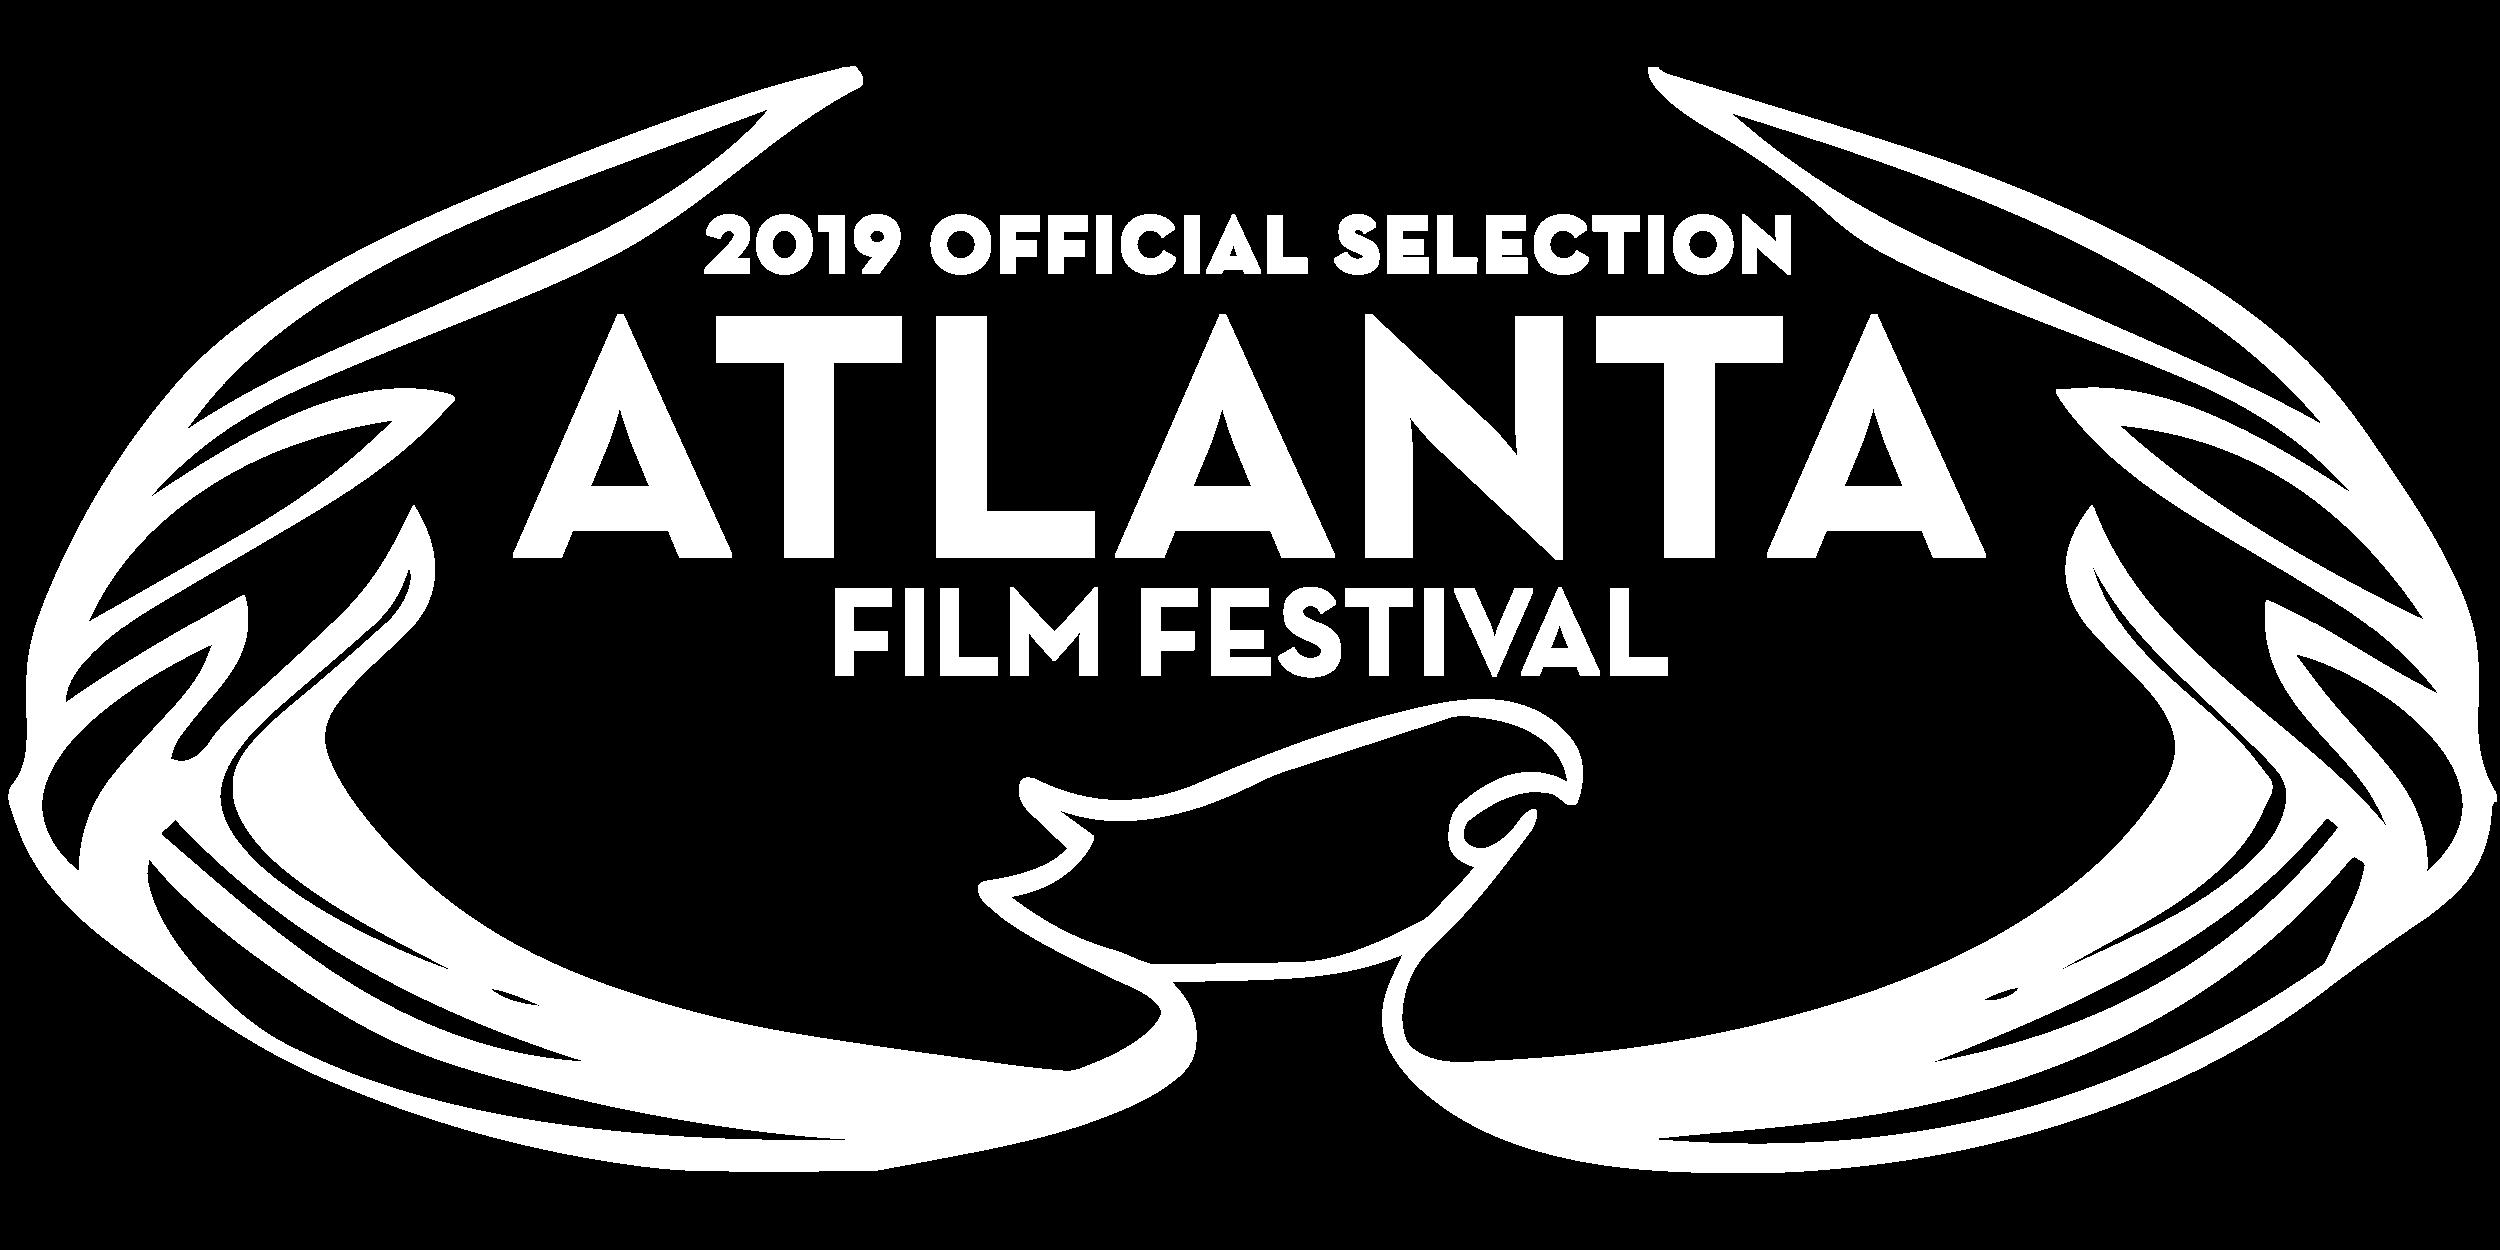 ATLFF+2019+Laurels copy.png